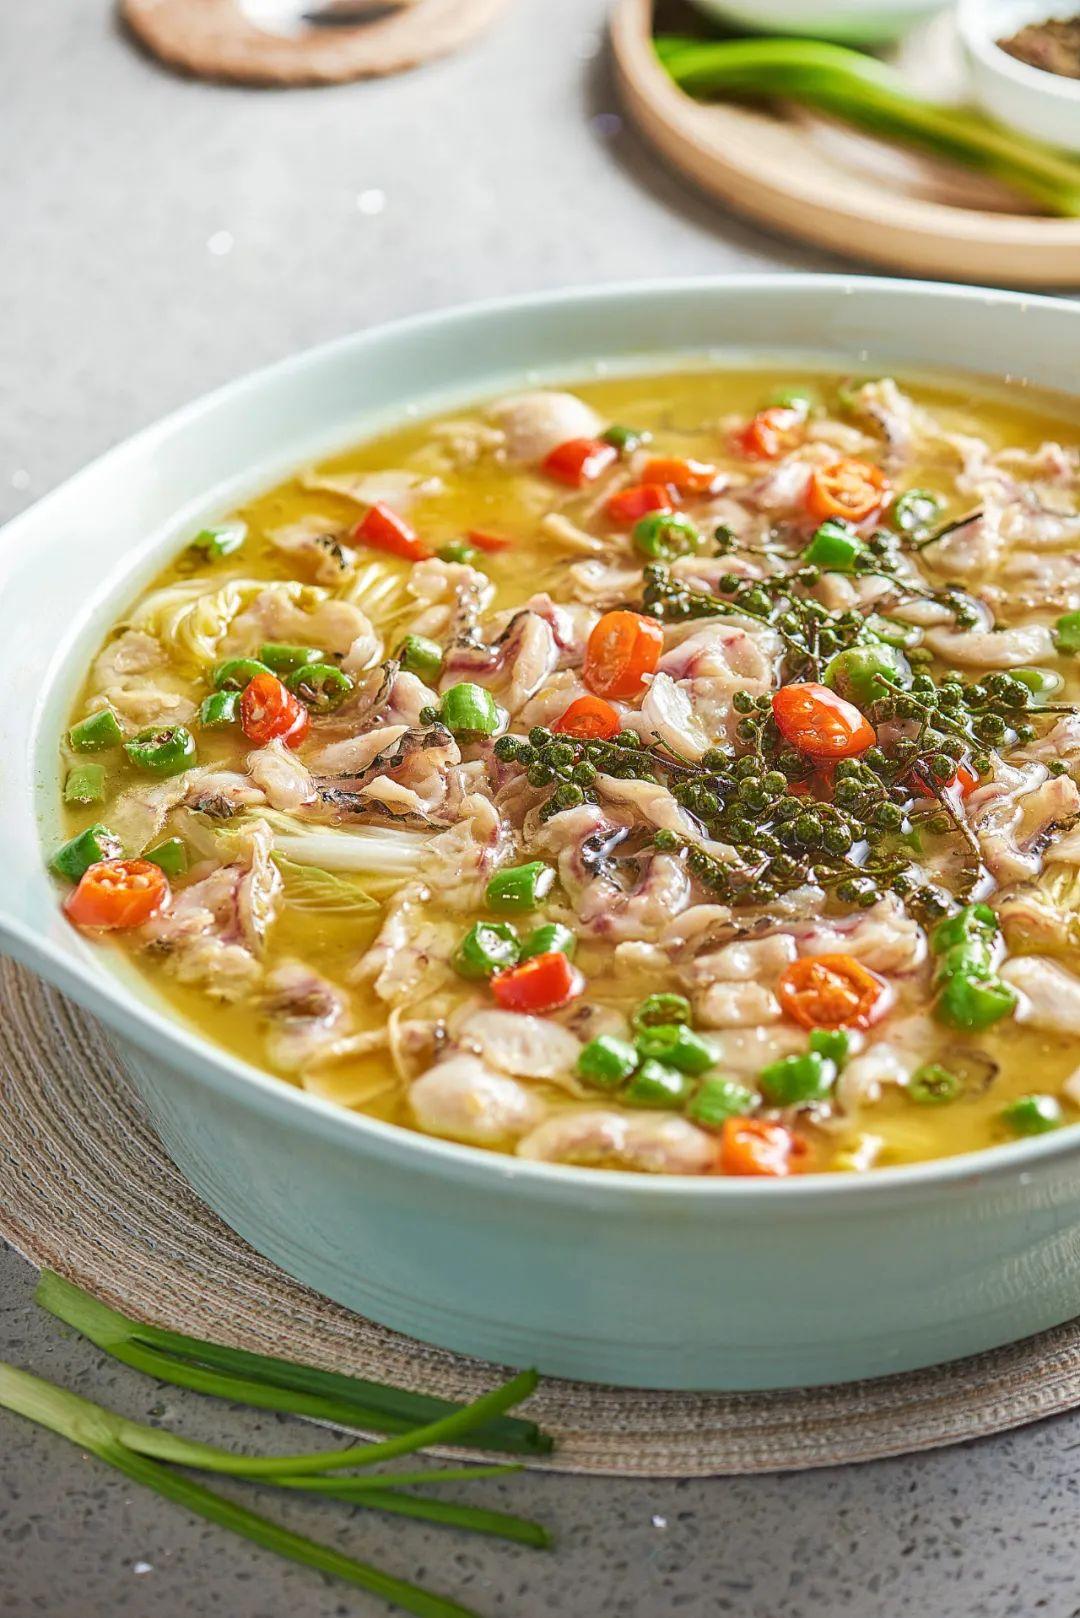 ▲ 藤椒和鱼搭配总是最搭的。图/视觉中国